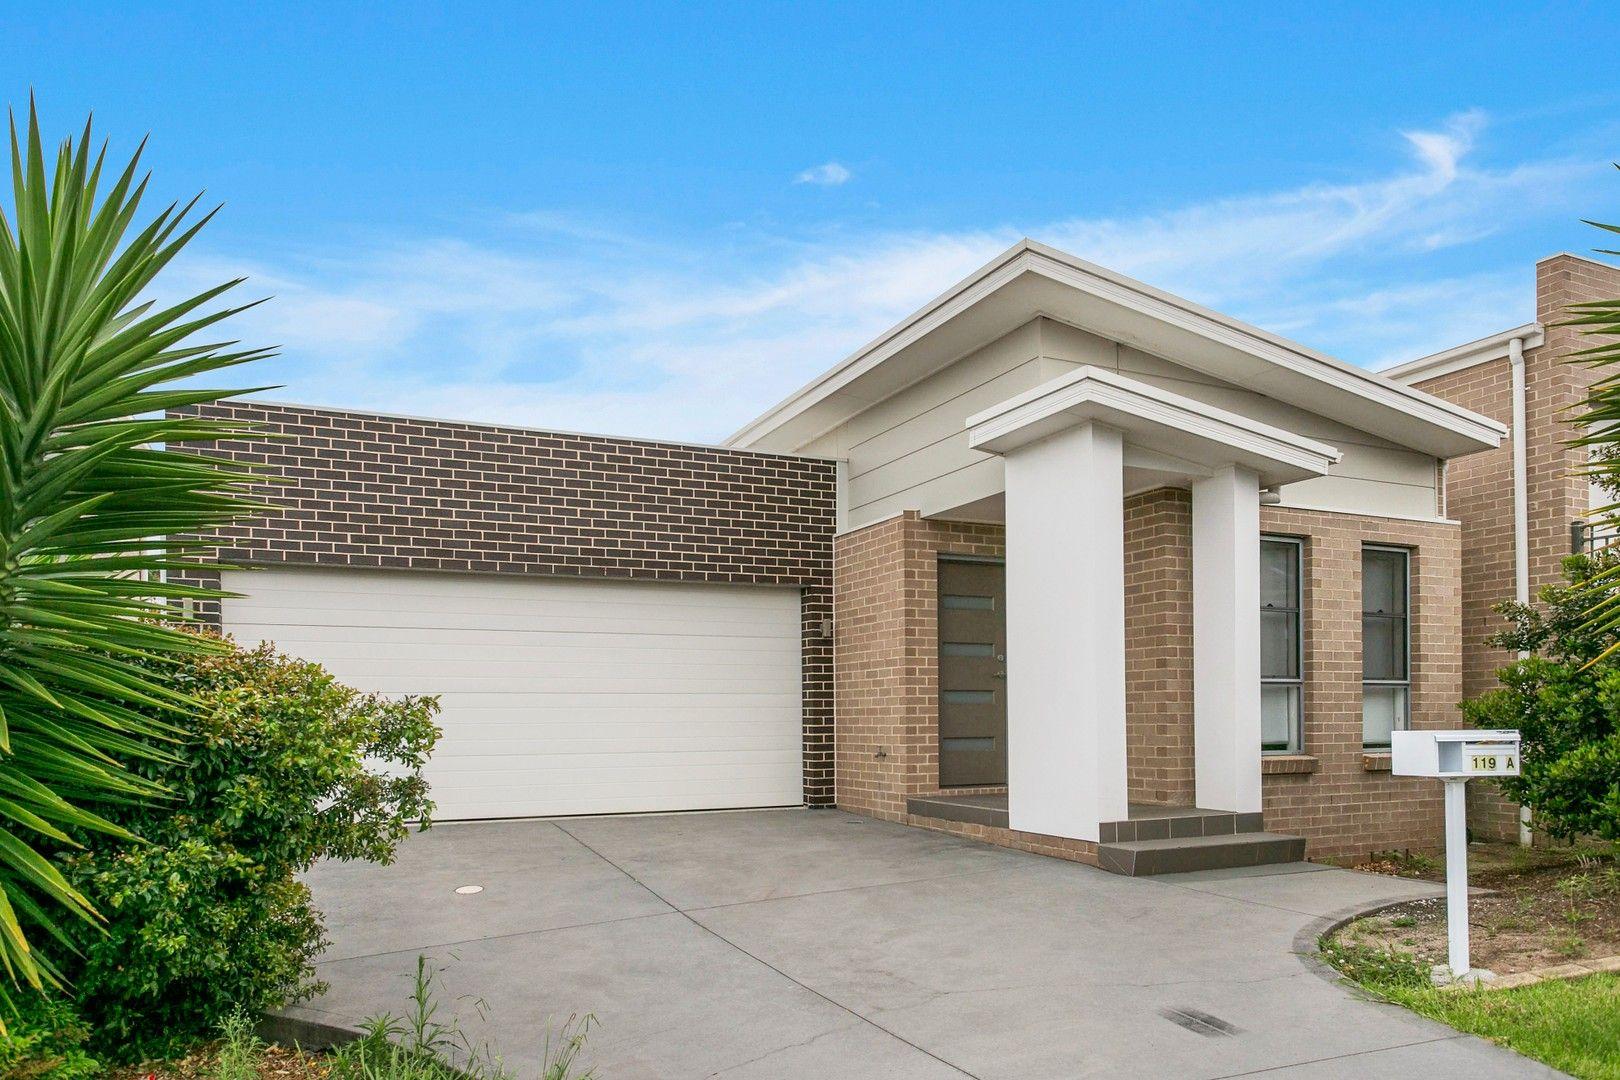 119A Whittaker Street, Flinders NSW 2529, Image 0